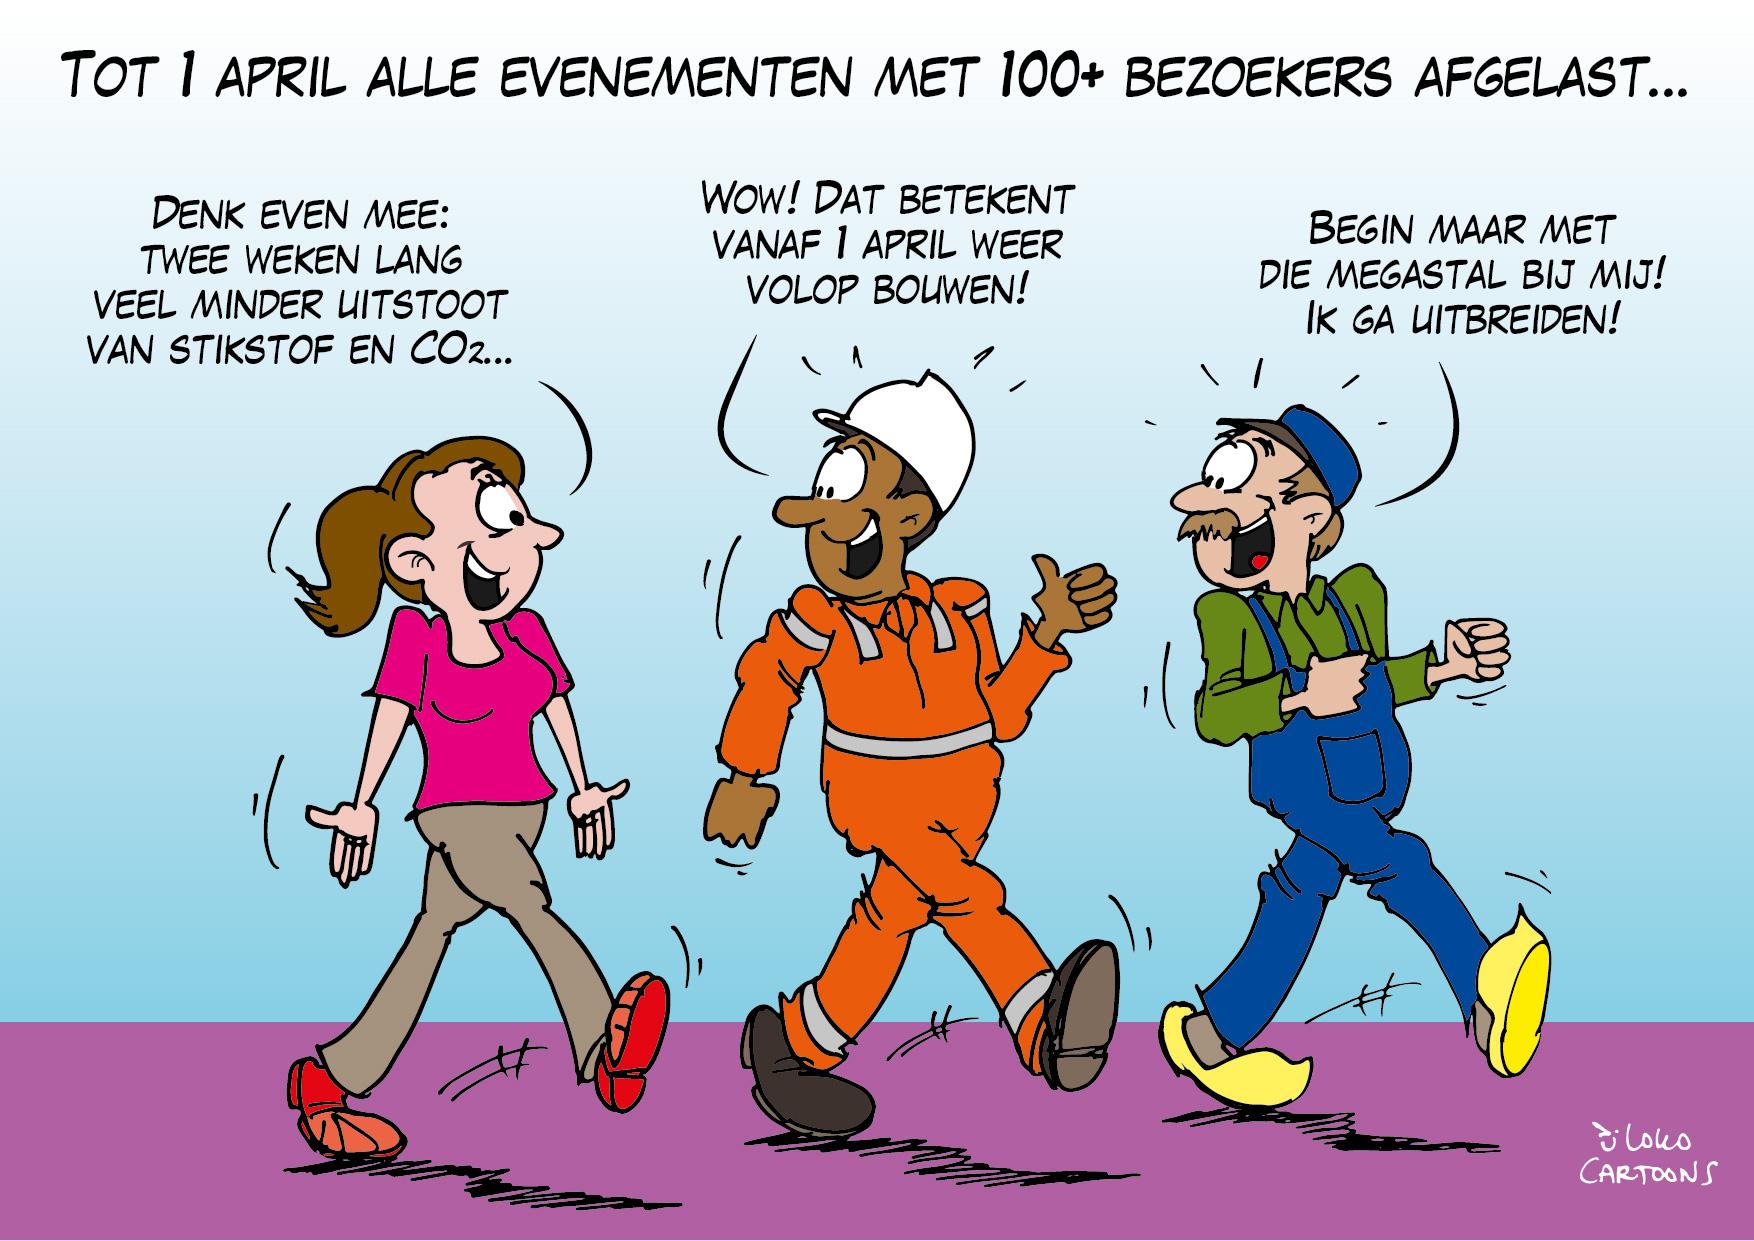 Tot 1 april alle evenementen met meer dan honderd bezoekers afgelast…